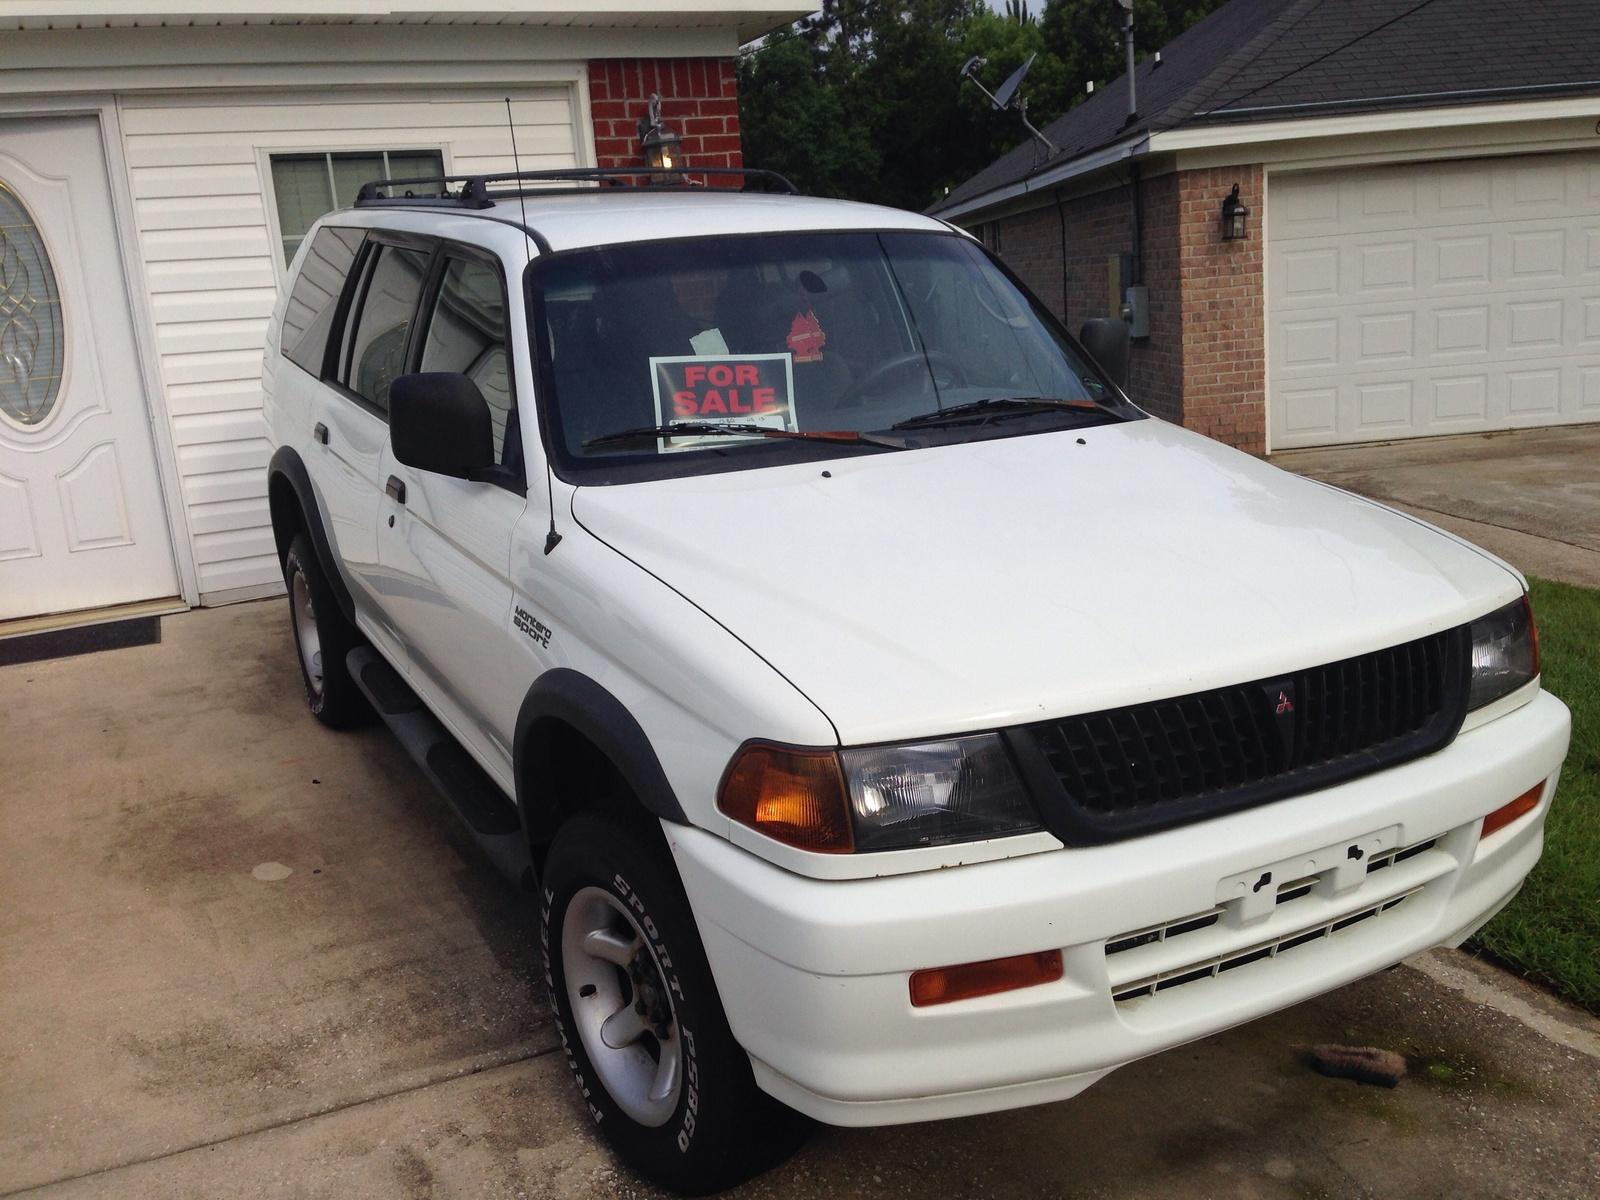 Picture of 1998 Mitsubishi Montero Sport 4 Dr ES SUV